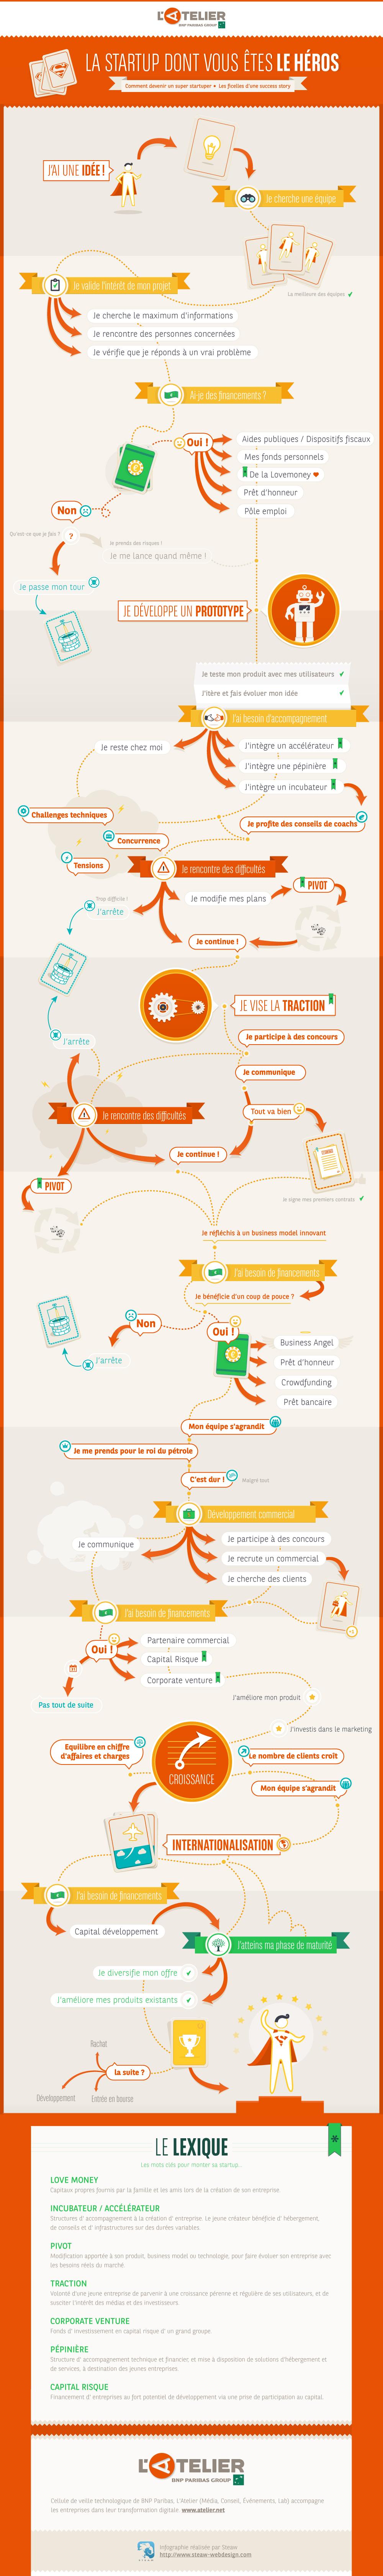 Infographie réalisée par L'Atelier BNP Paribas group